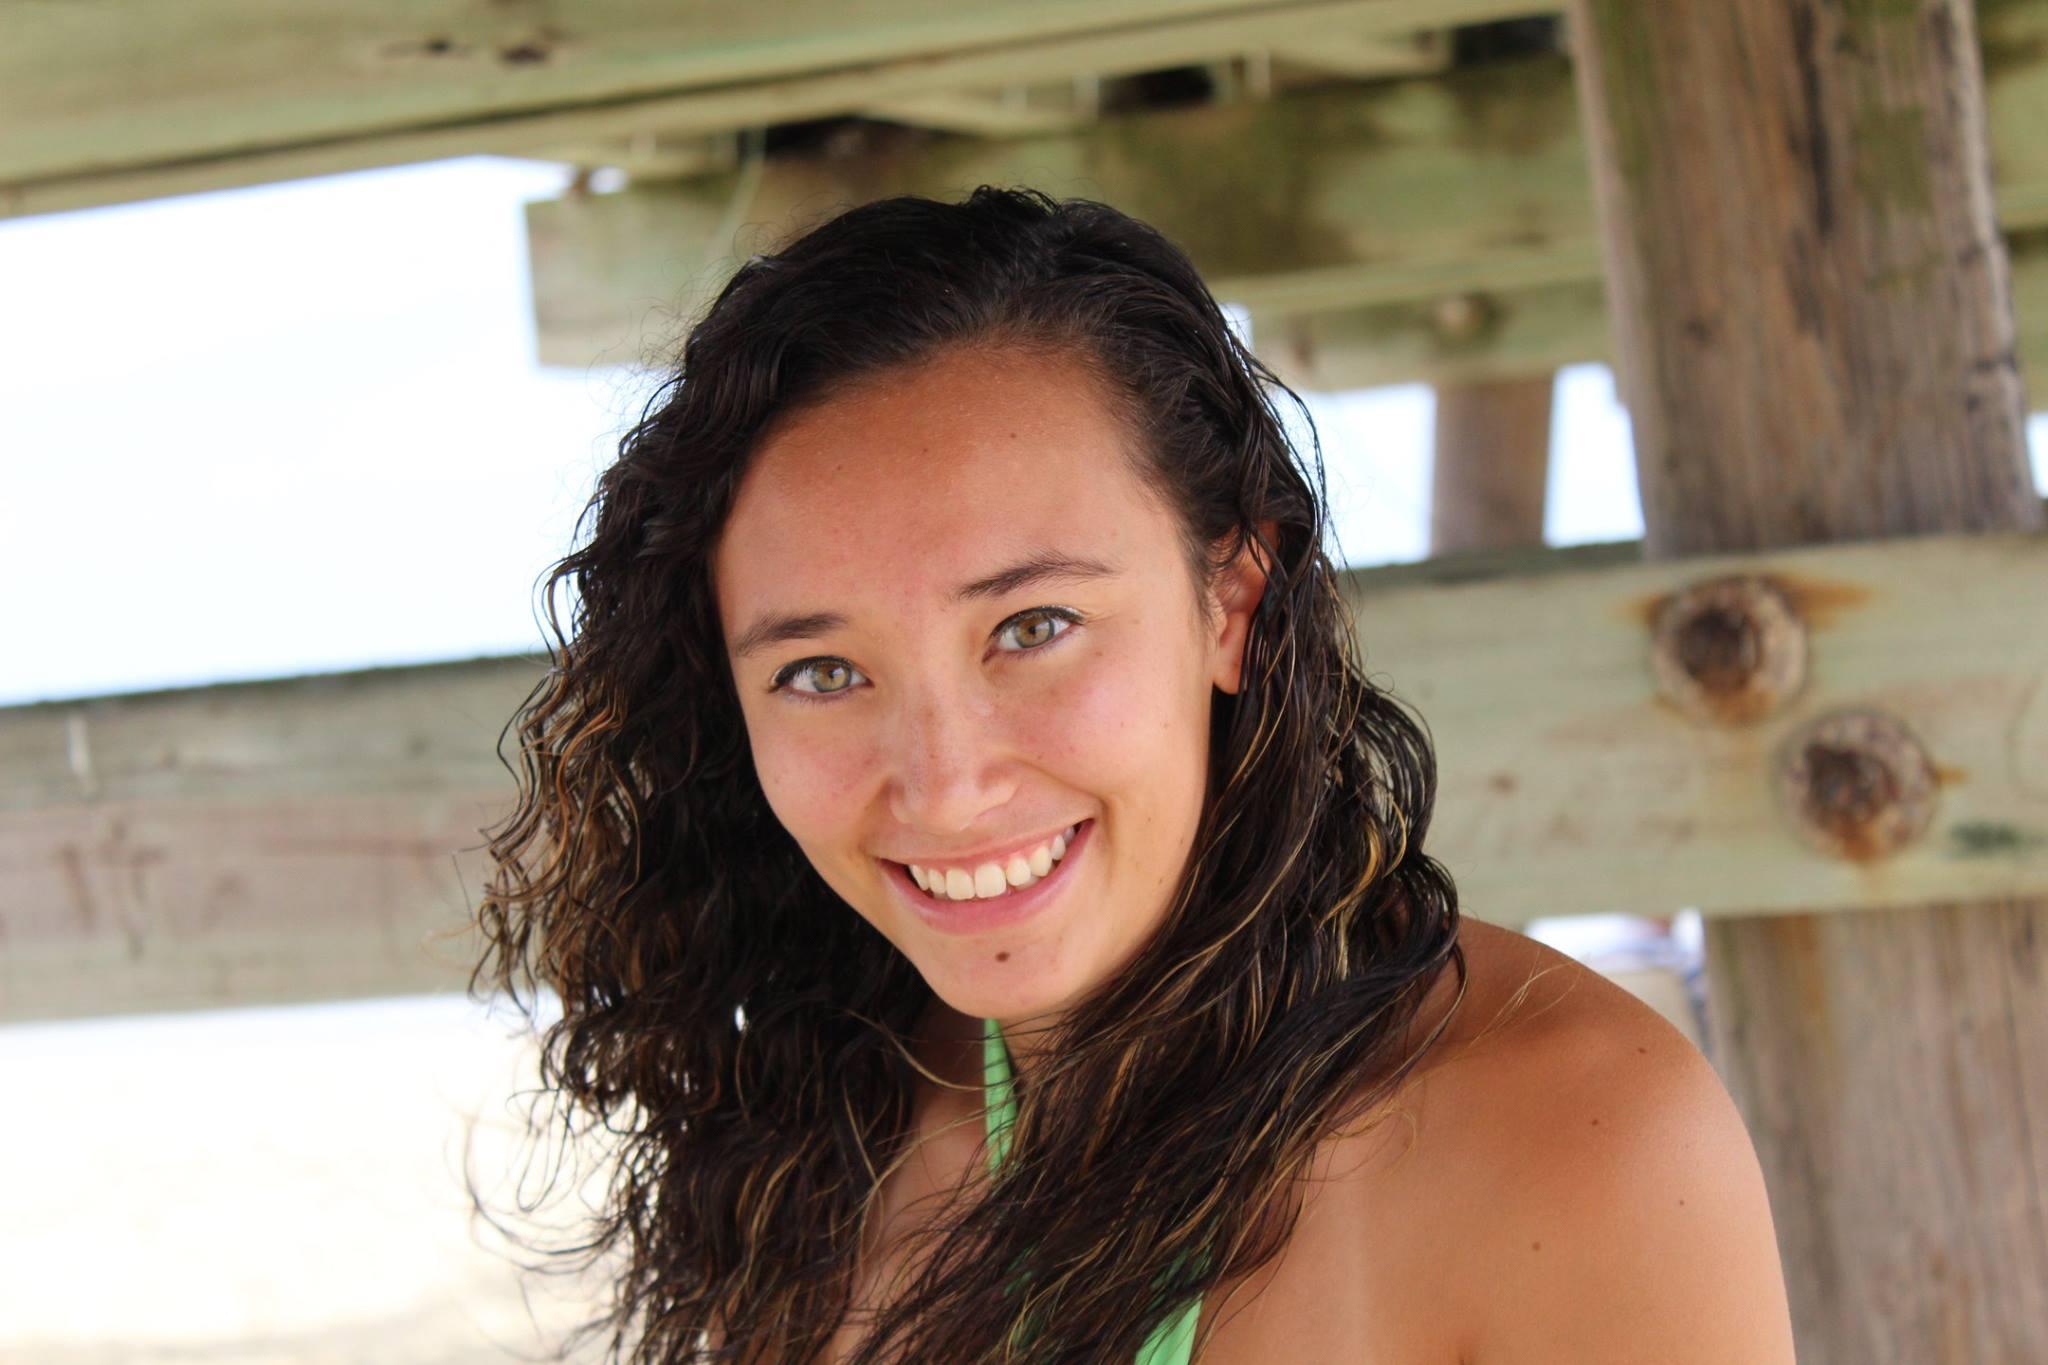 Angelica Hadsell, AJ Hadsell, virginia teen missing, norfolk teen missing, virginia student missing, virginia girl missing, norfolk girl missing